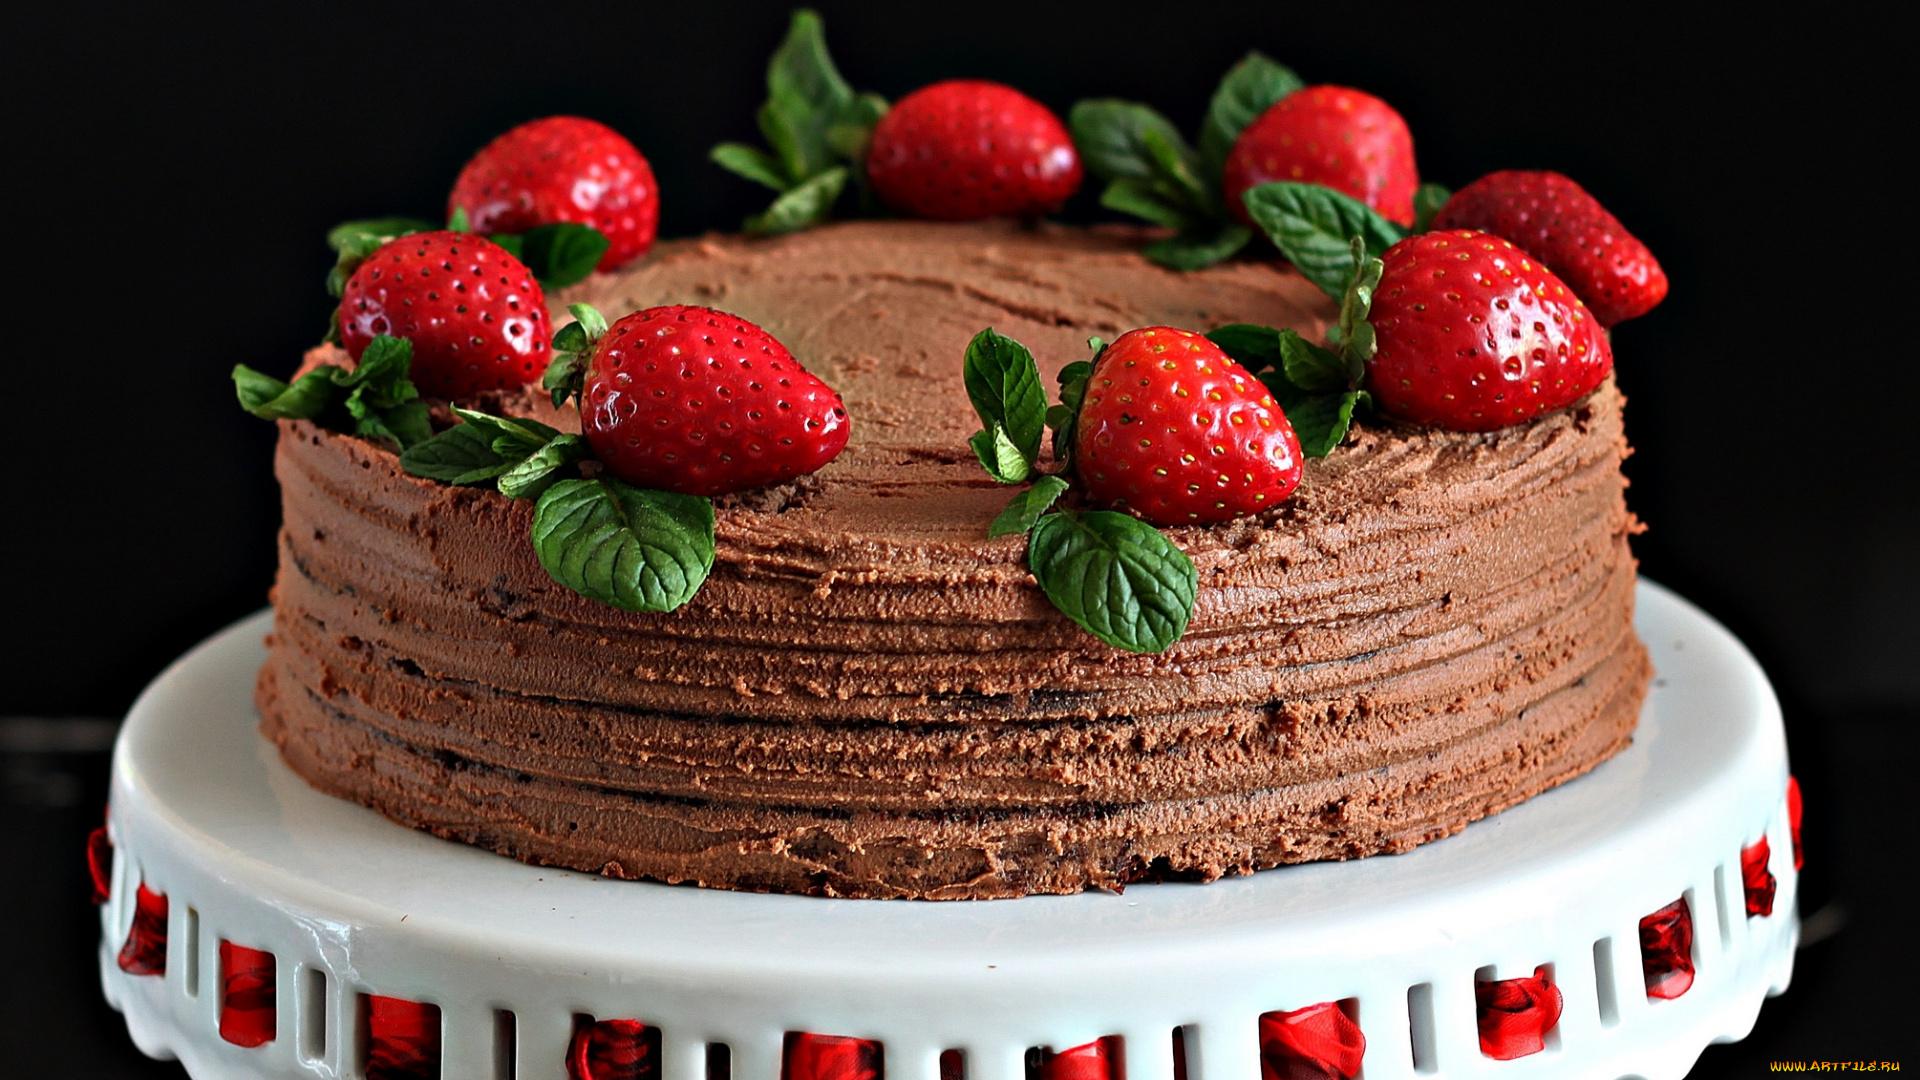 еда торт клубника смотреть